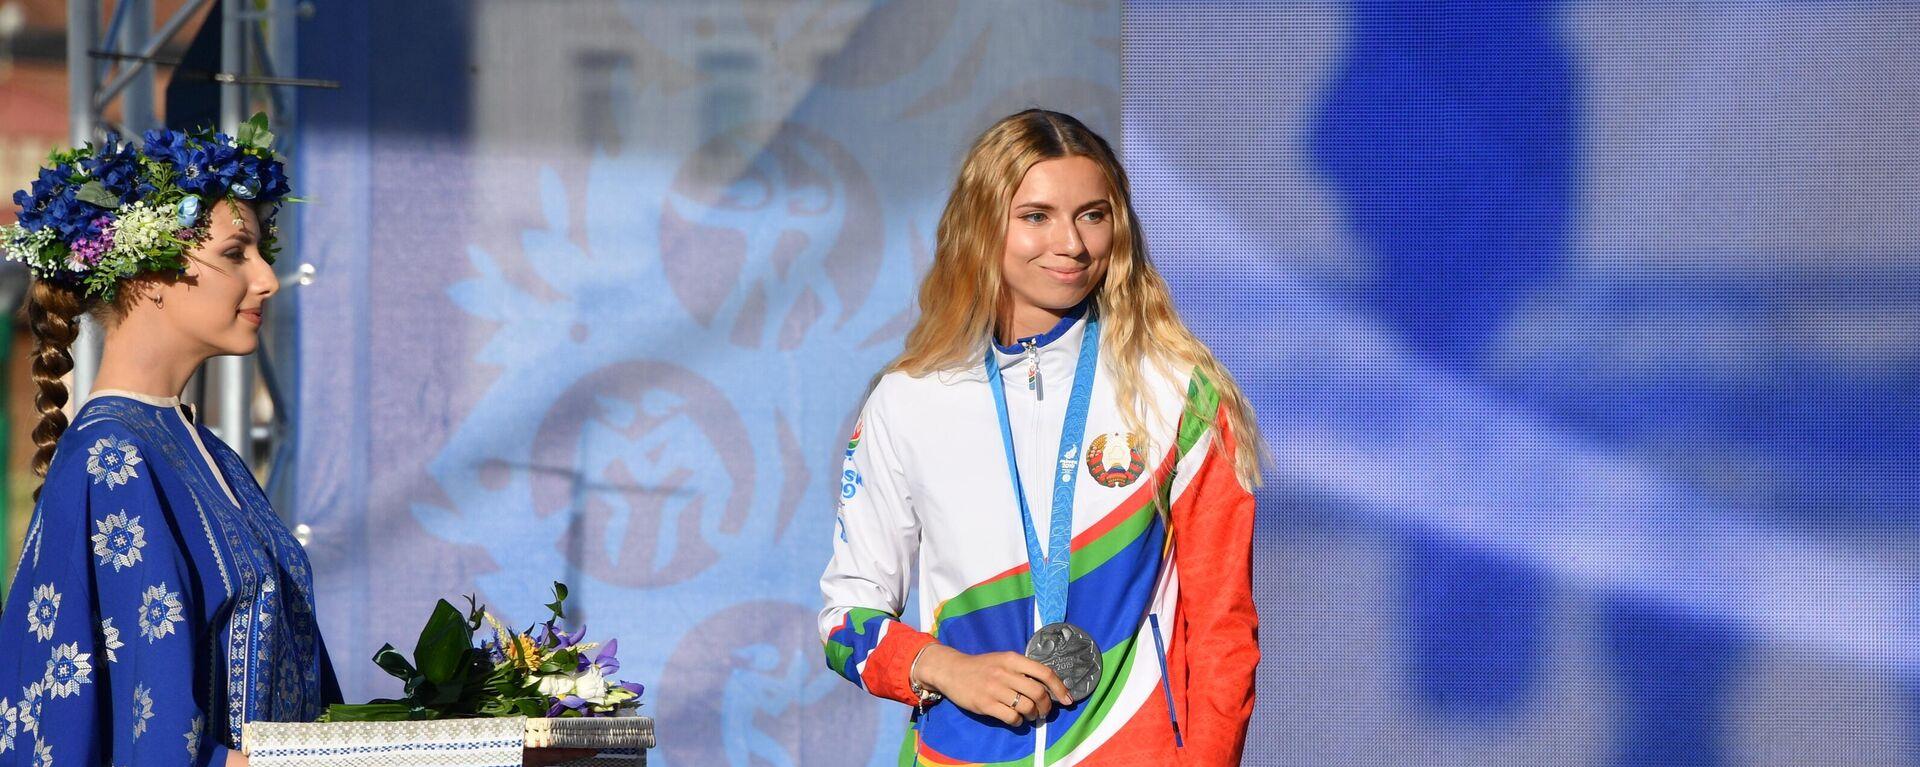 Награждение белорусских легкоатлетов, успешно выступивших на II Европейских играх - Sputnik Polska, 1920, 03.08.2021